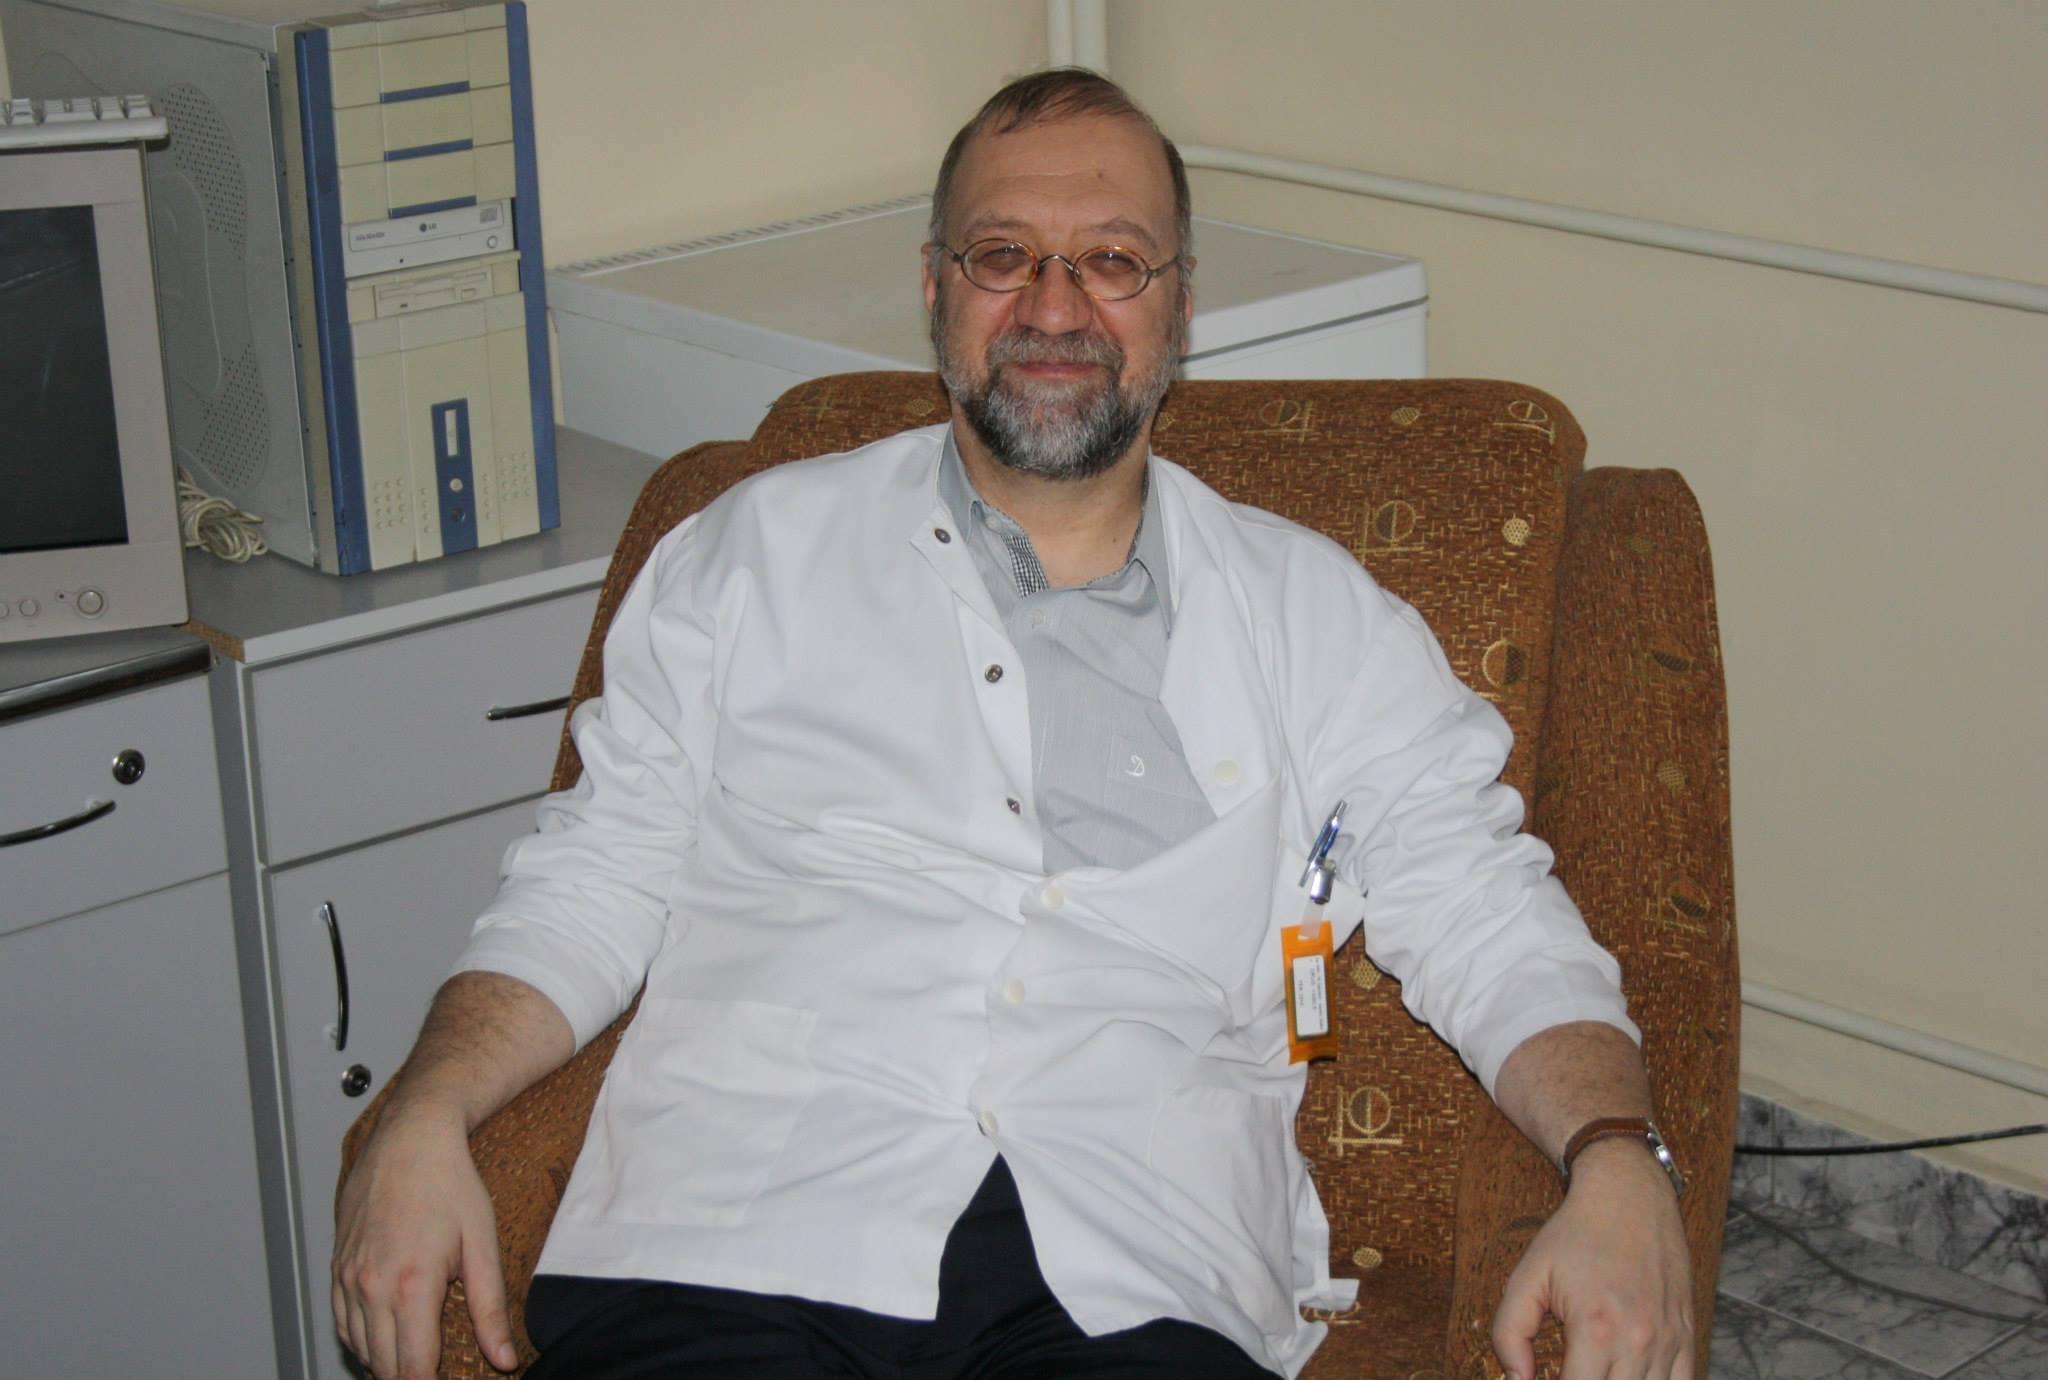 Doctorul Vasile Drug, cel care a ales să se retragă din concurs (ziaruldeiasi.ro)